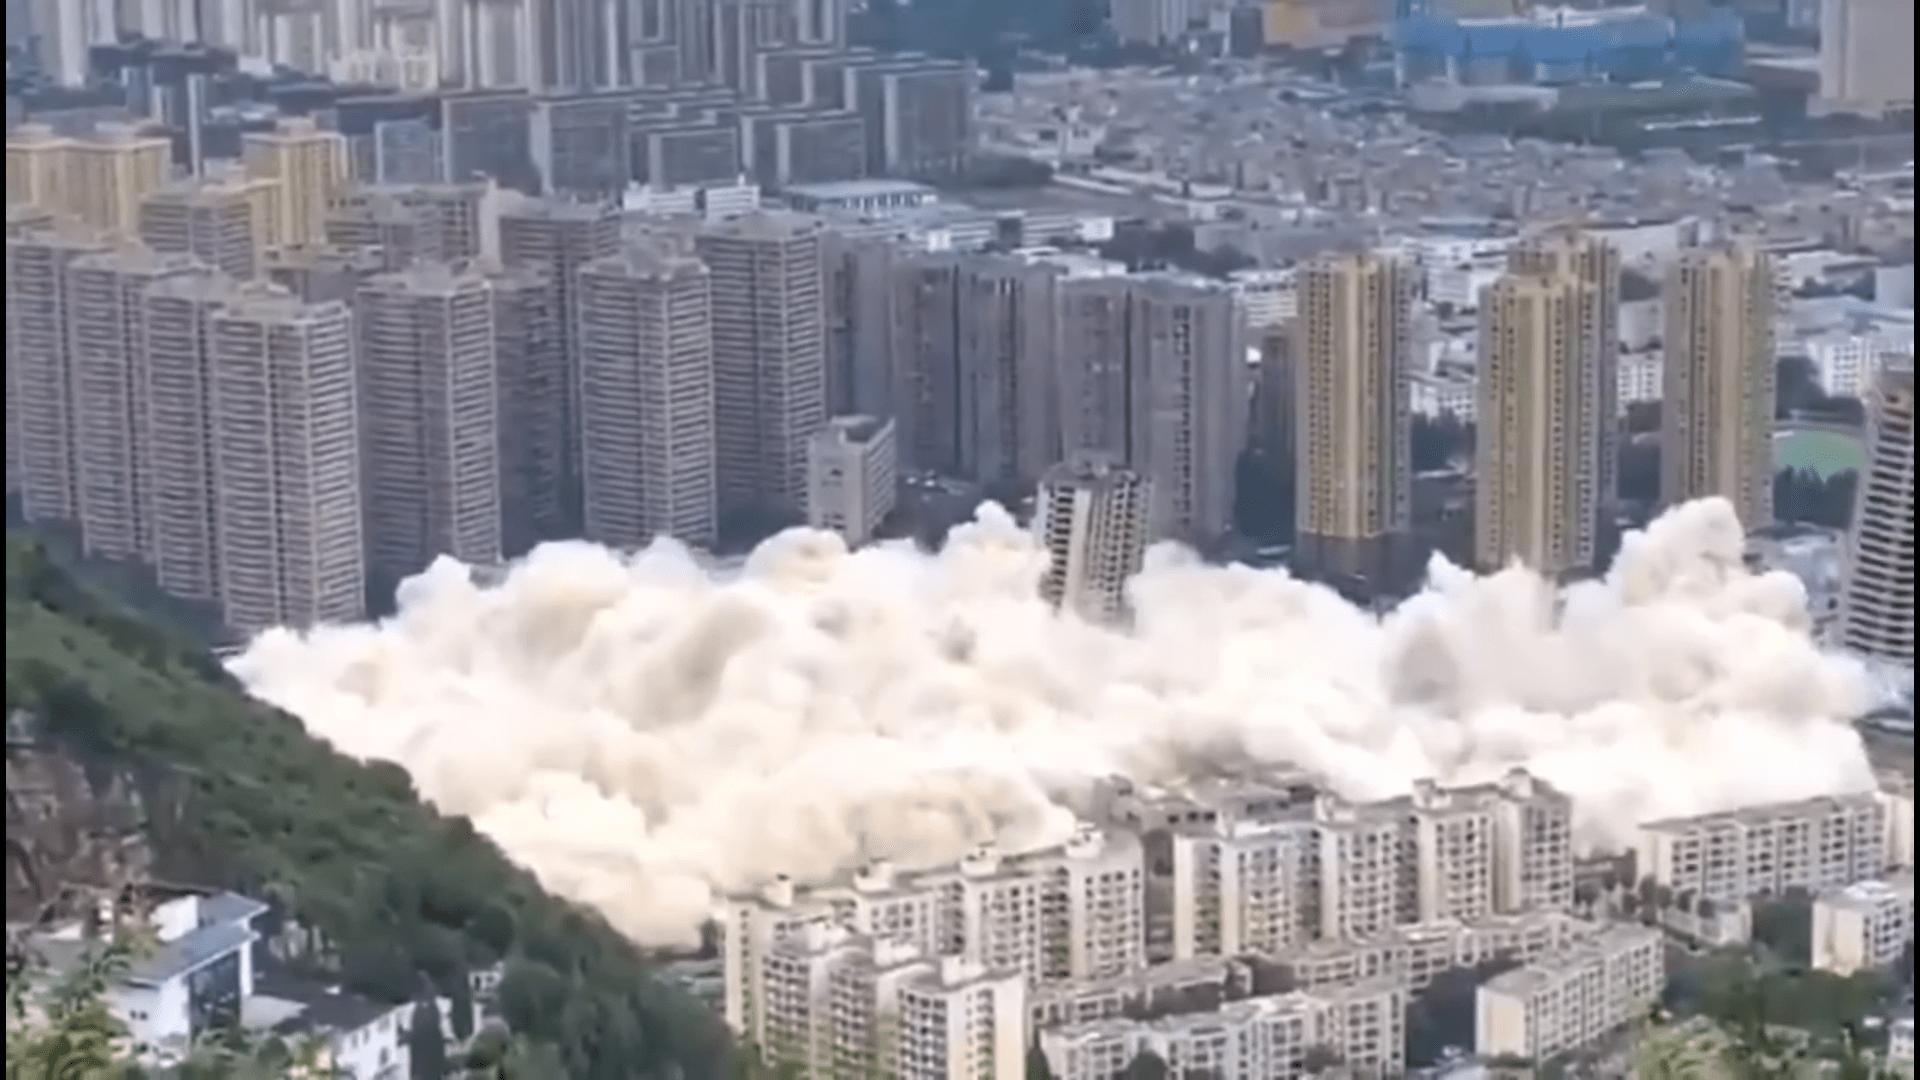 [VIDEO] Pogledajte kako izgleda sinkronizirano rušenje 15 nebodera